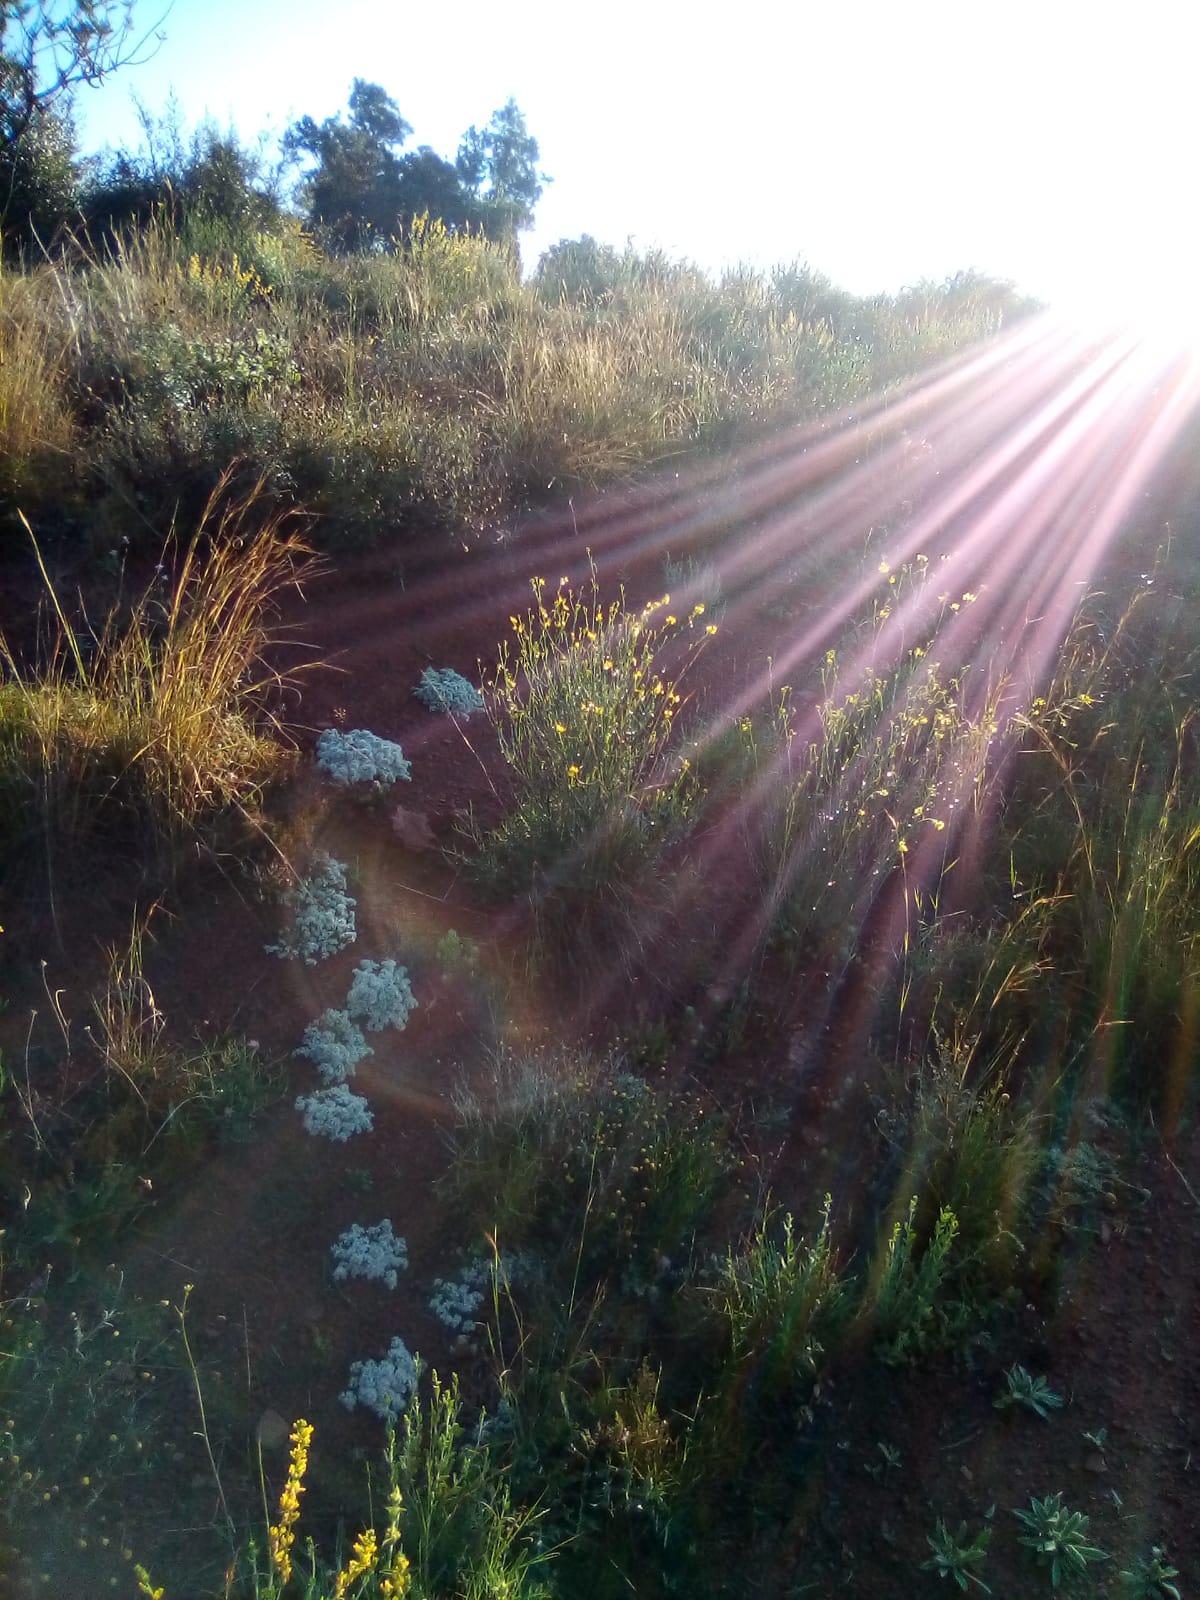 La luz baja focalizándose en la materia y dándole vida.